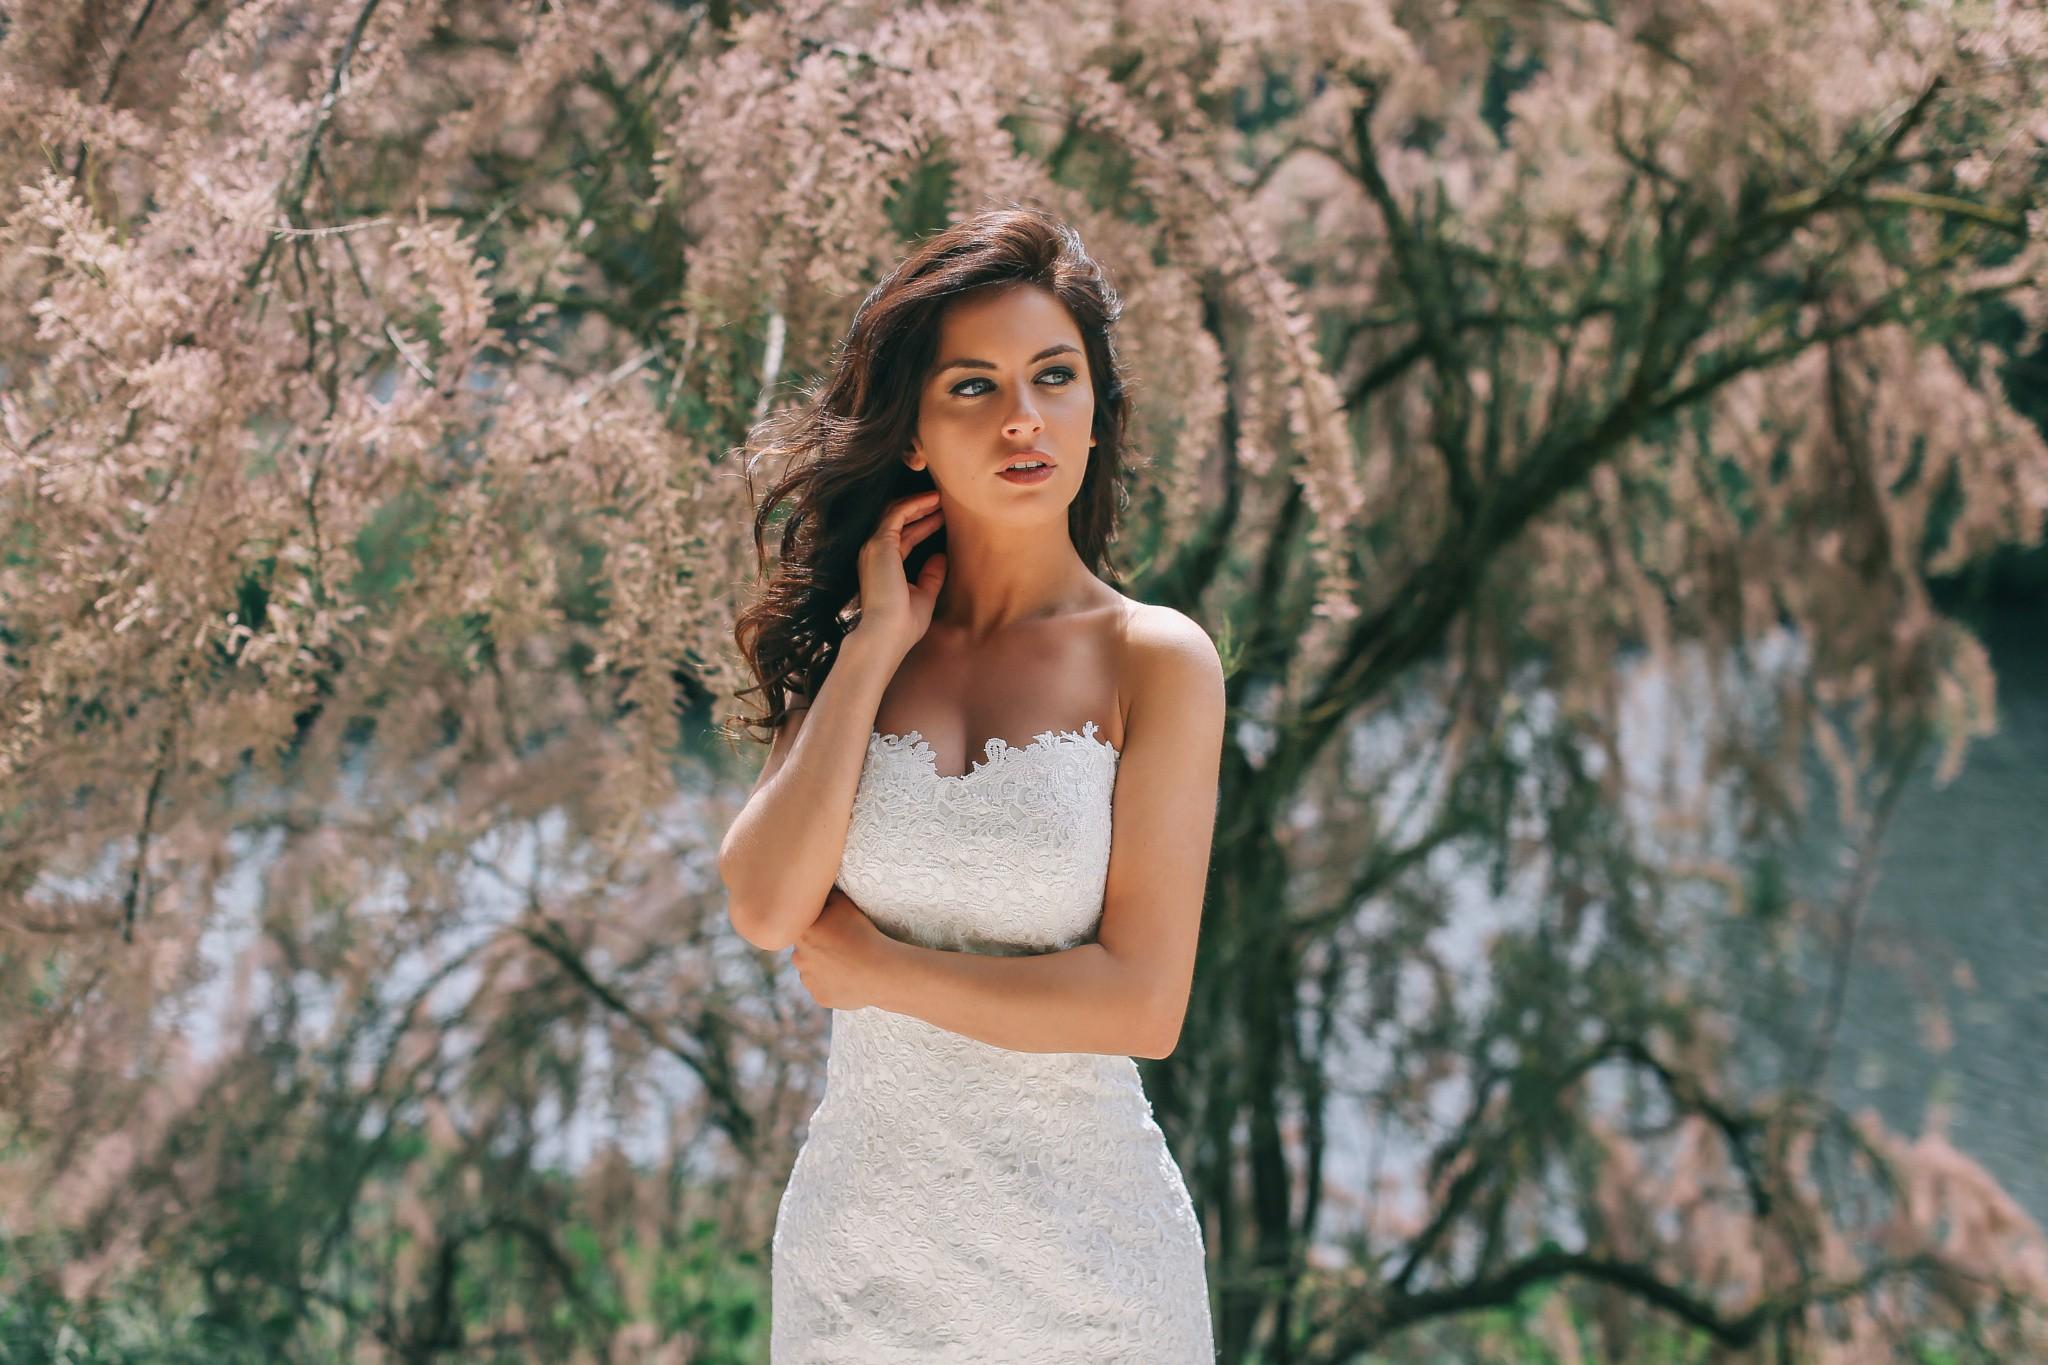 looking away white dress women portrait model aurela skandaj